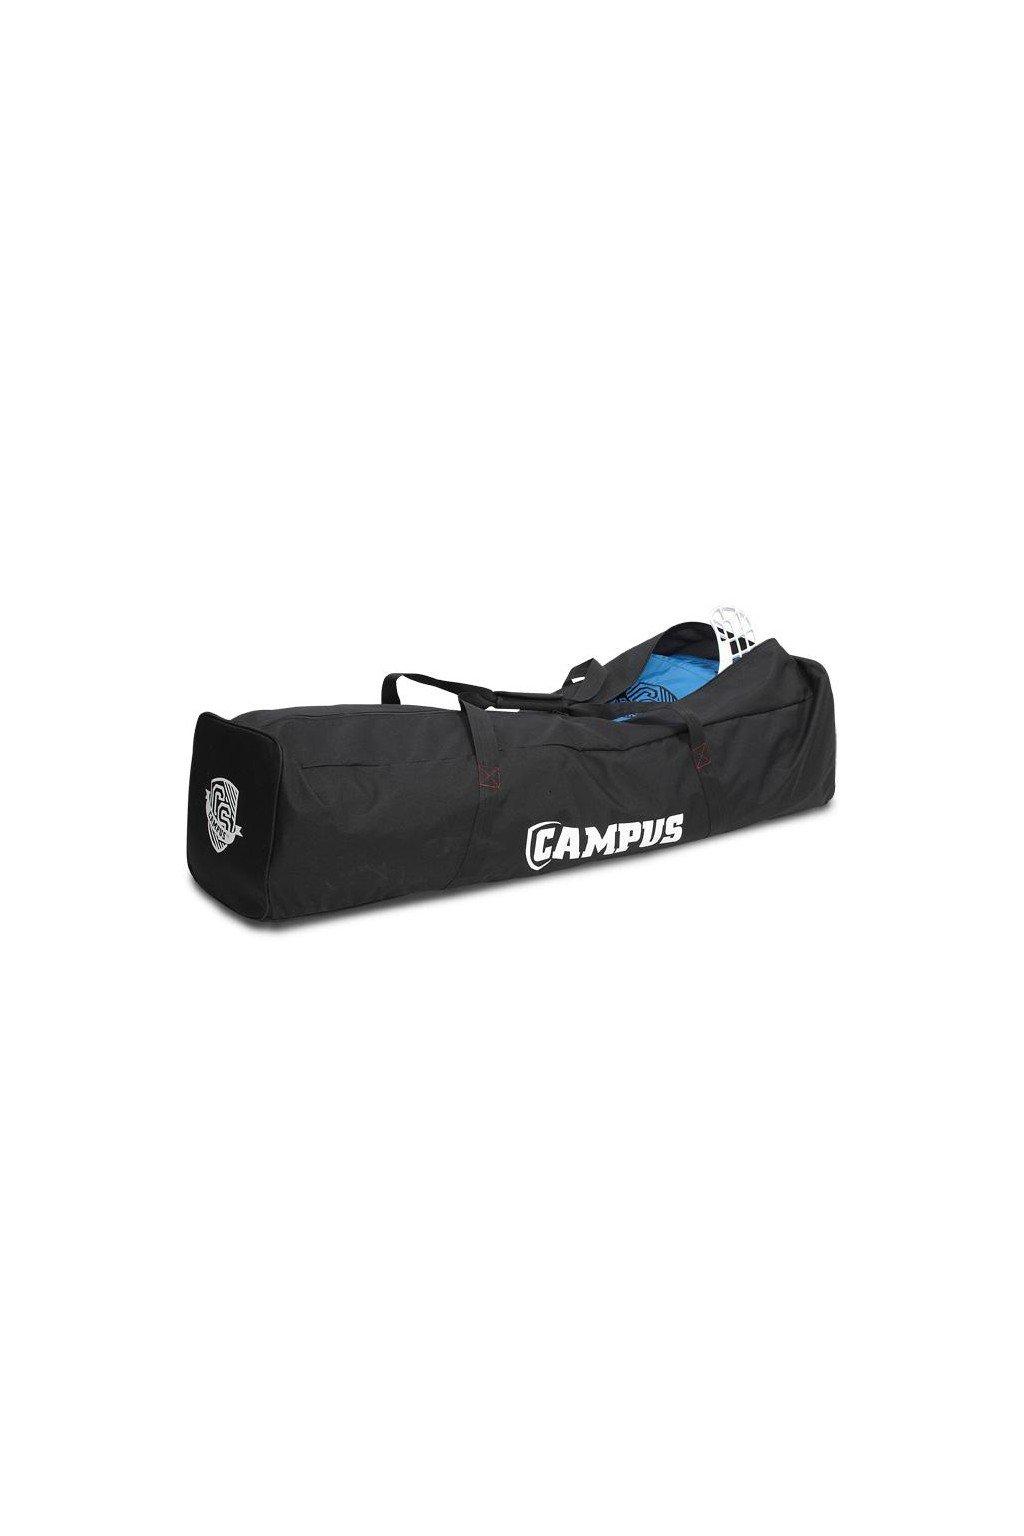 salming campus coach toolbag black